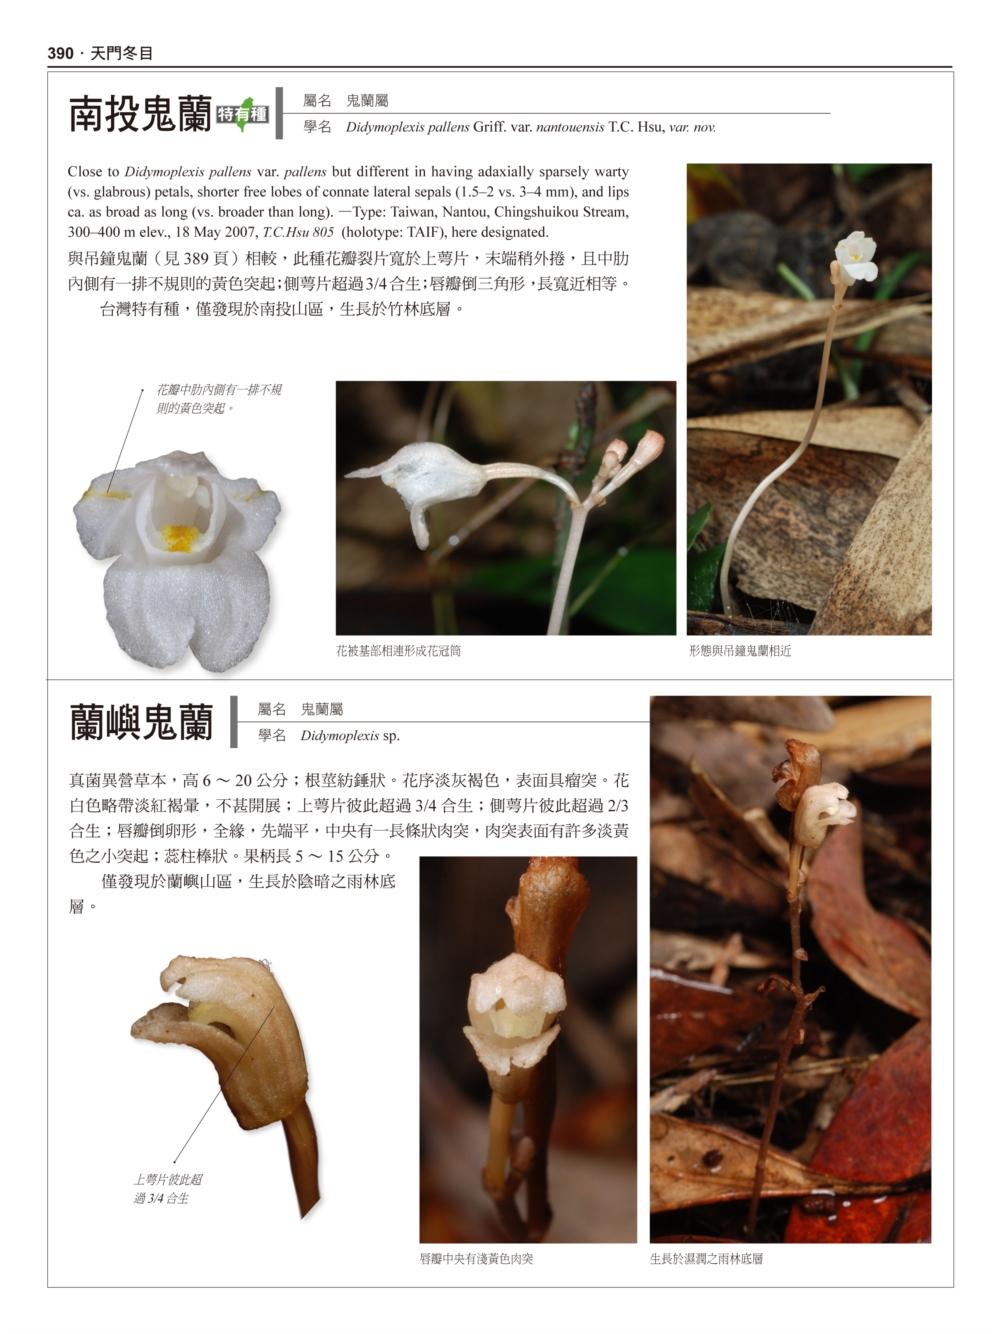 http://im1.book.com.tw/image/getImage?i=http://www.books.com.tw/img/001/074/50/0010745089_b_12.jpg&v=5957227d&w=655&h=609